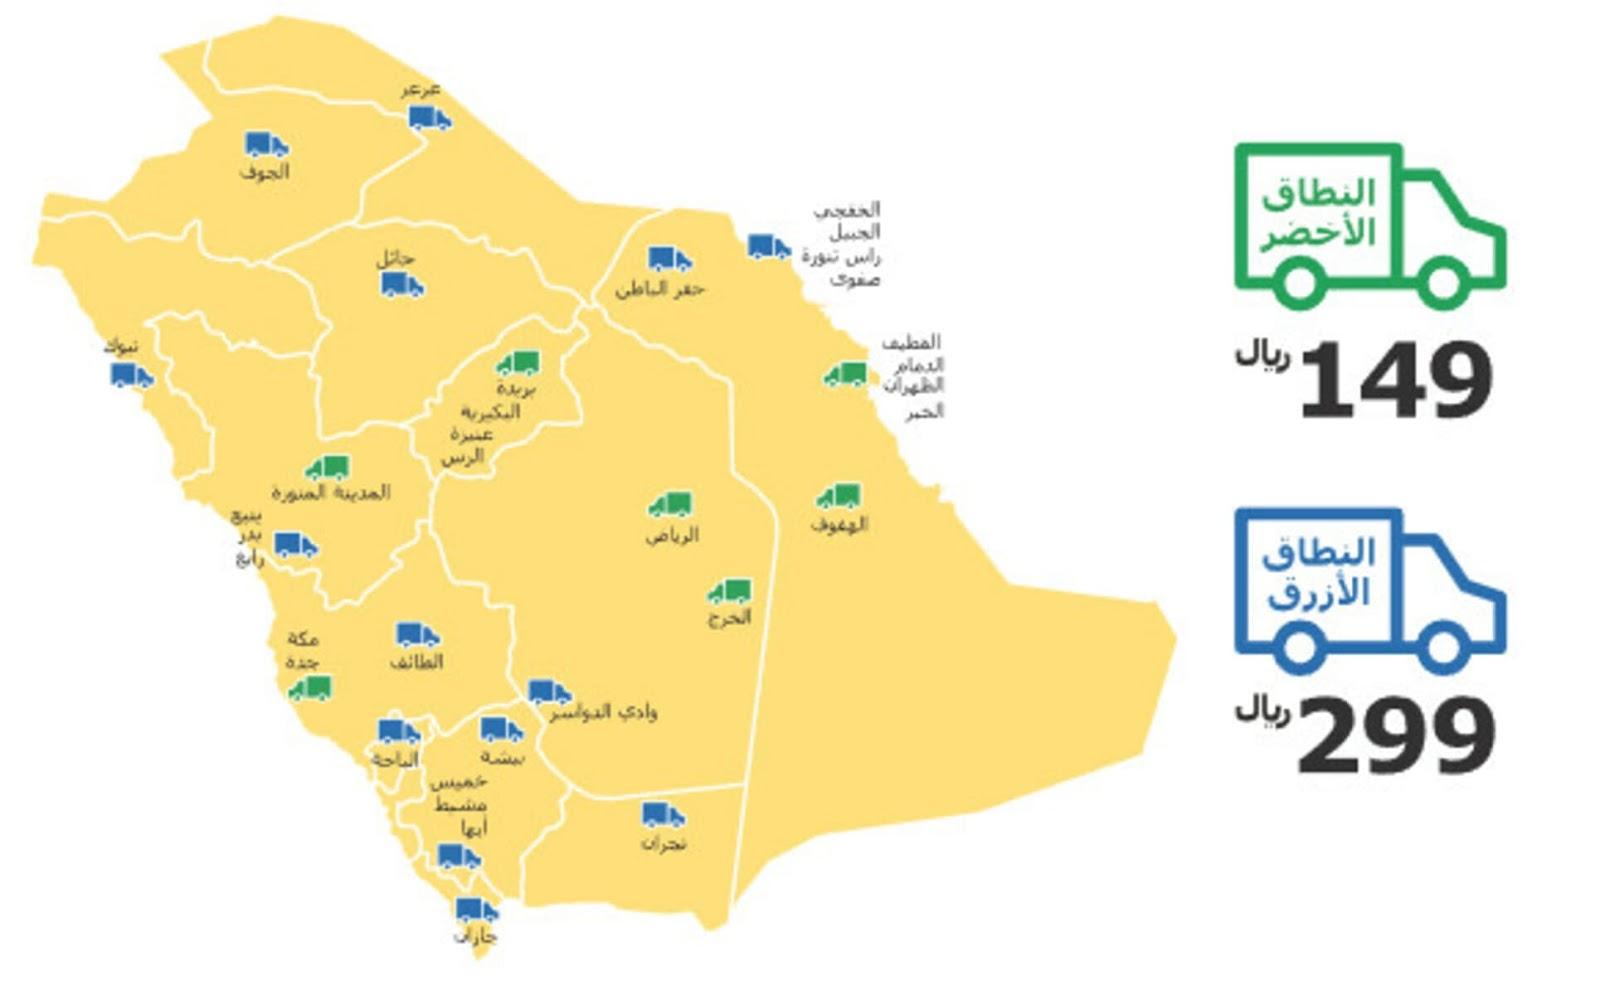 مواقع التوصيل في السعودية